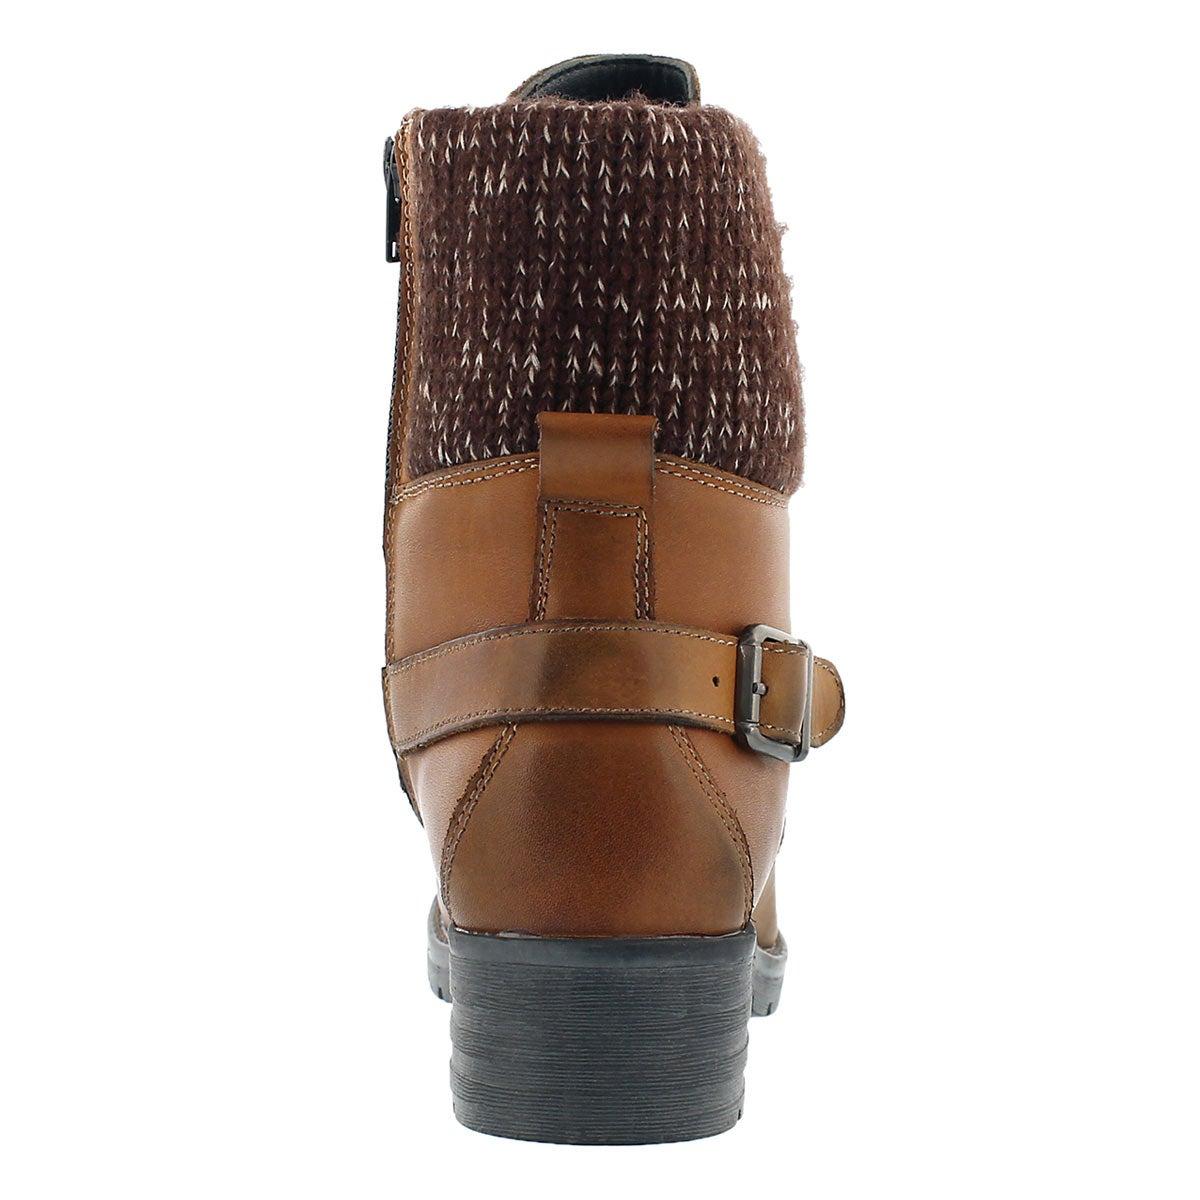 Lds Deedee cgnc knit top combat boot